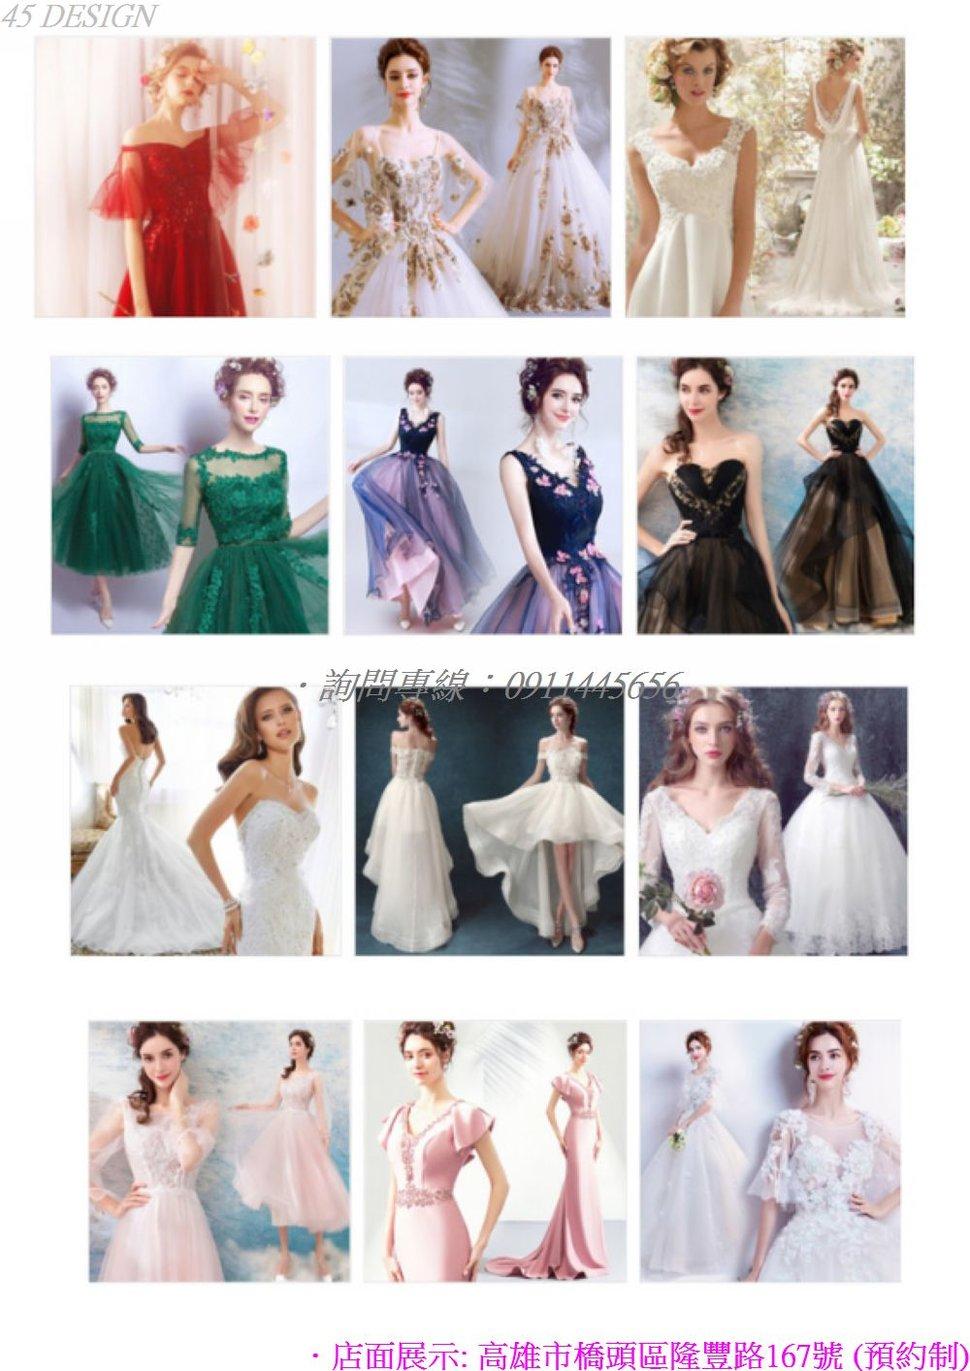 msl190815C0A3F6D11BC74FF79A84C461155551F2 - 全台最便宜-45DESIGN四五婚紗禮服《結婚吧》